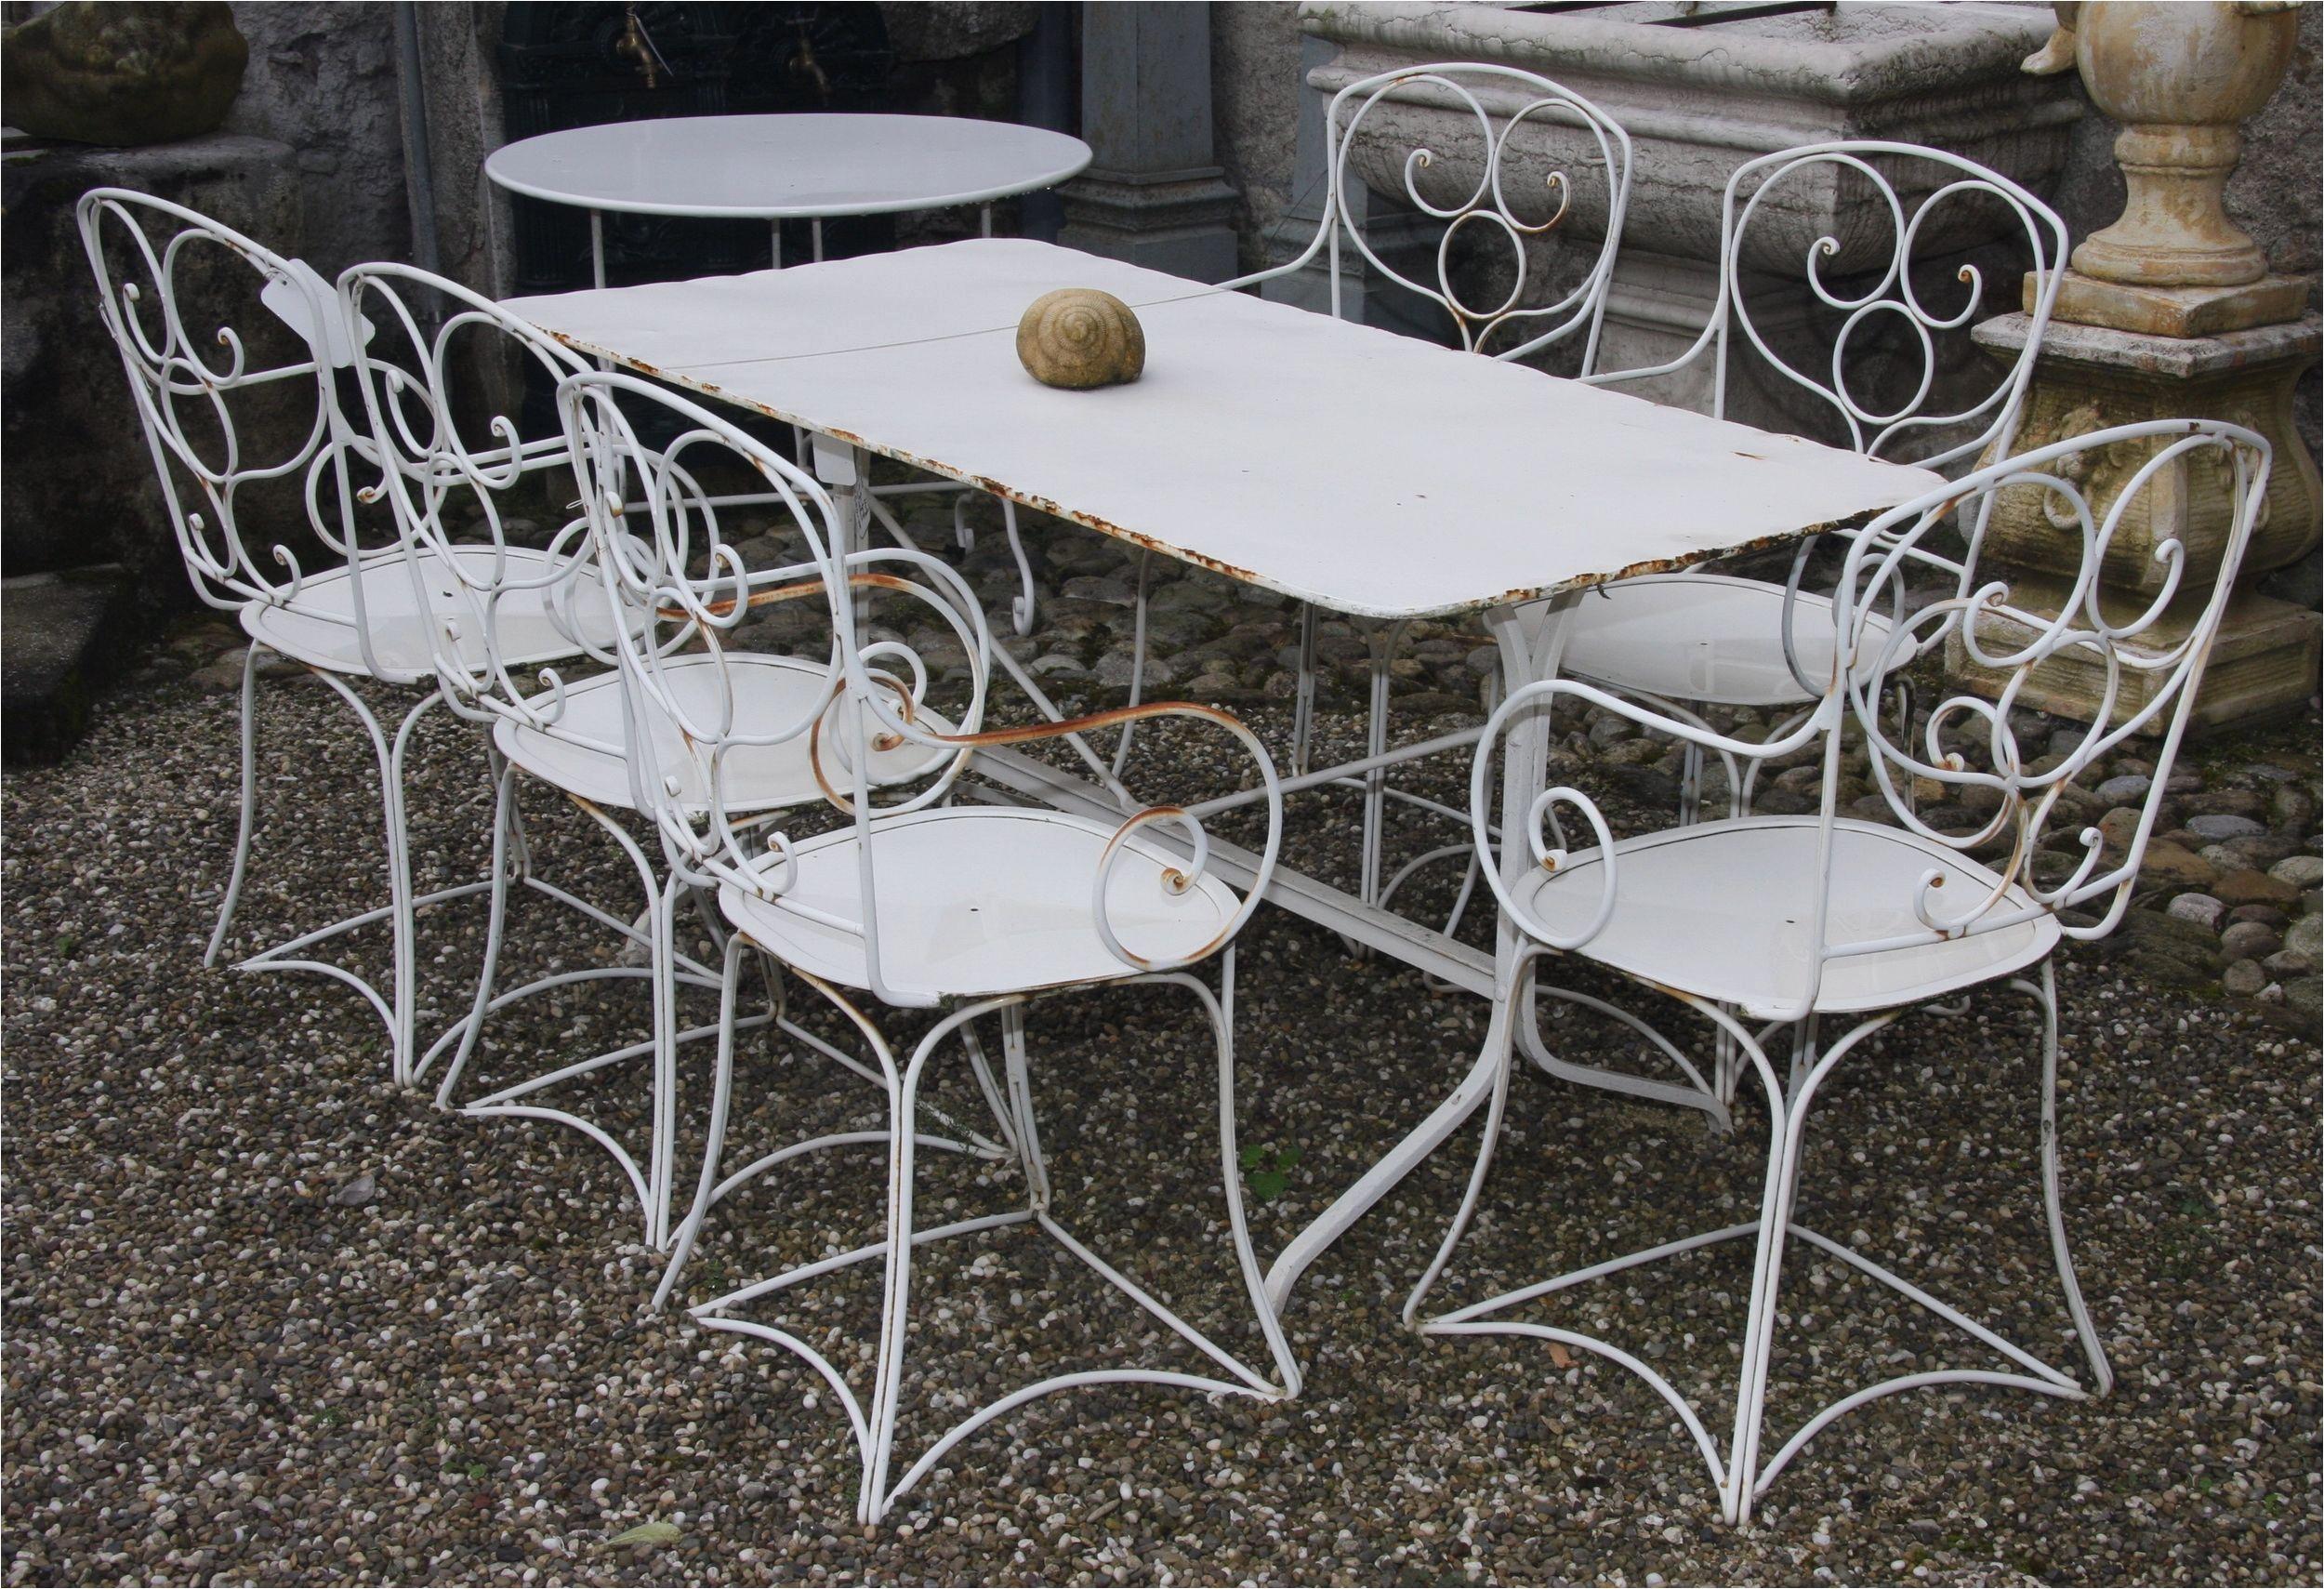 chaise en fer forge occasion photo de terrifiant salon de jardin en fer forge d occasion sur beautiful of chaise en fer forge occasion